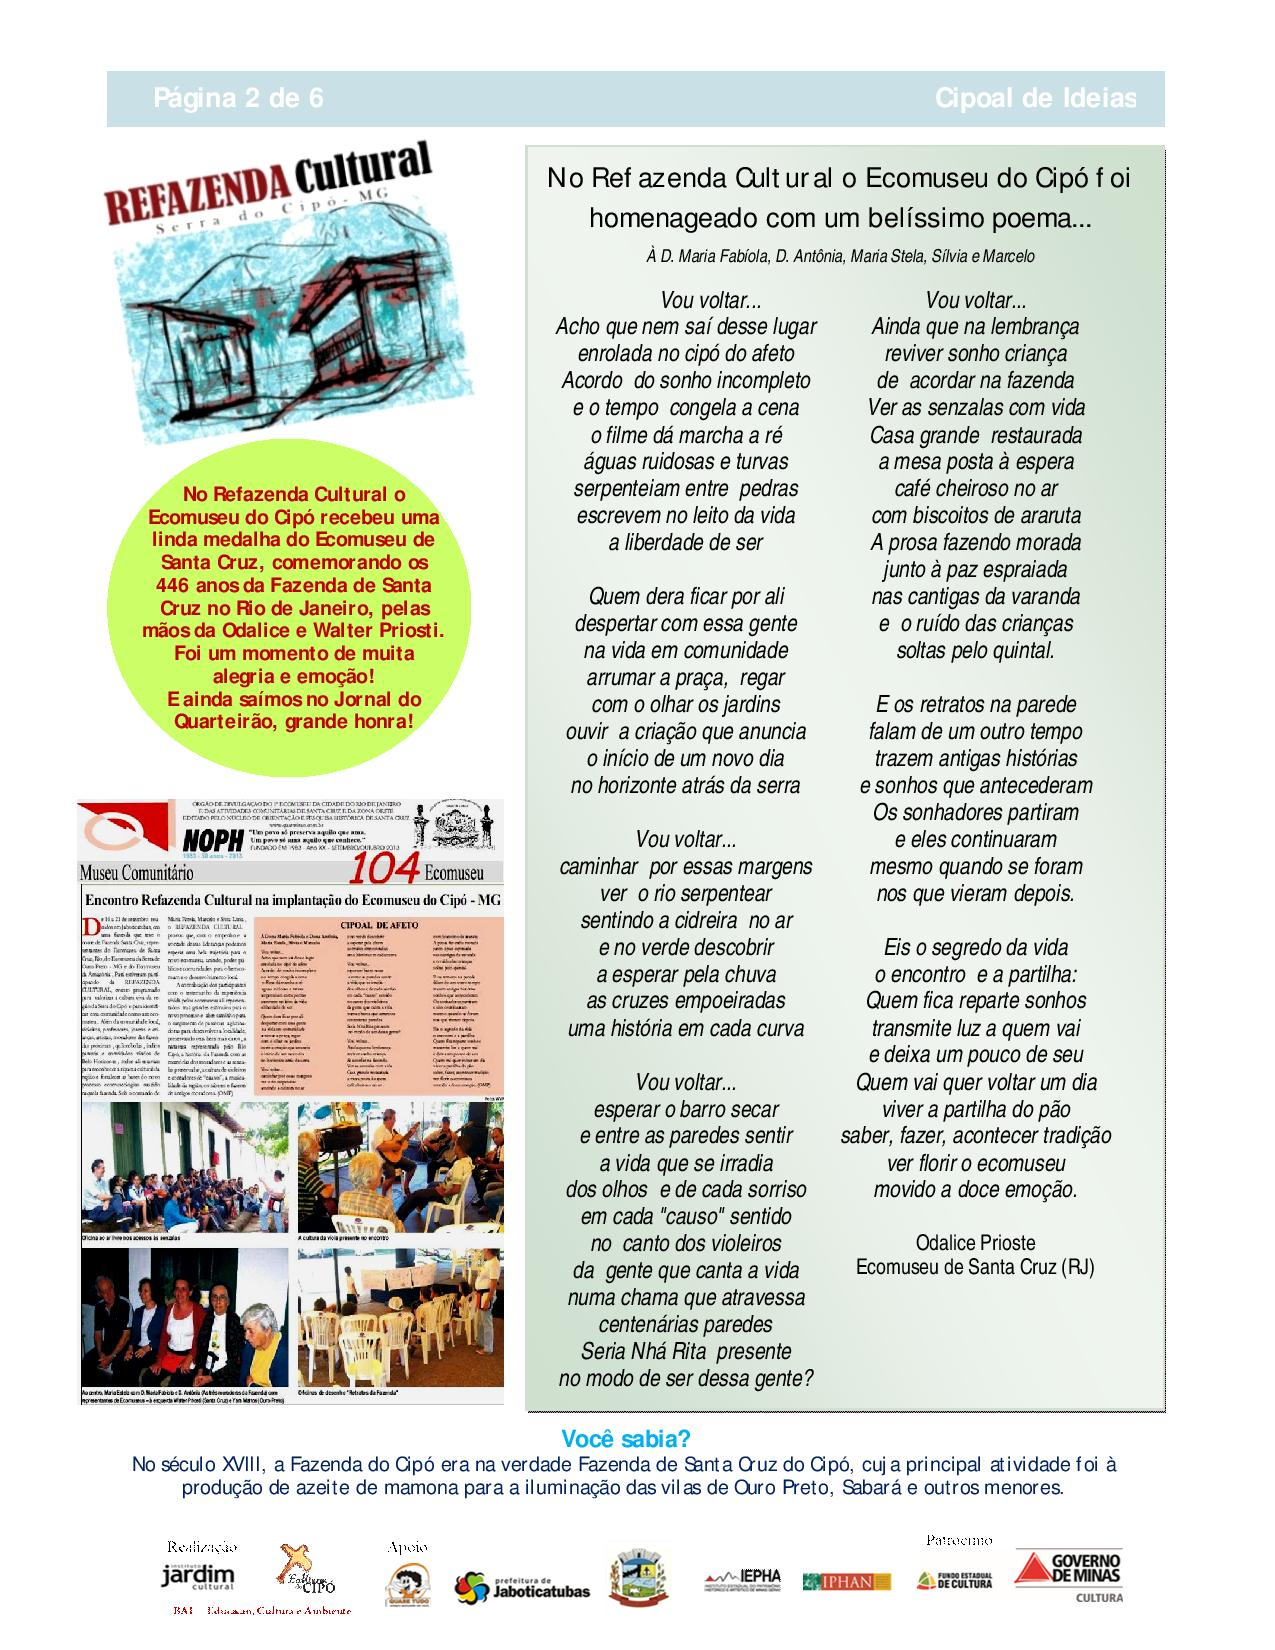 Boletim Cipoal de Ideias - Ecomuseu do Cipó-page-002